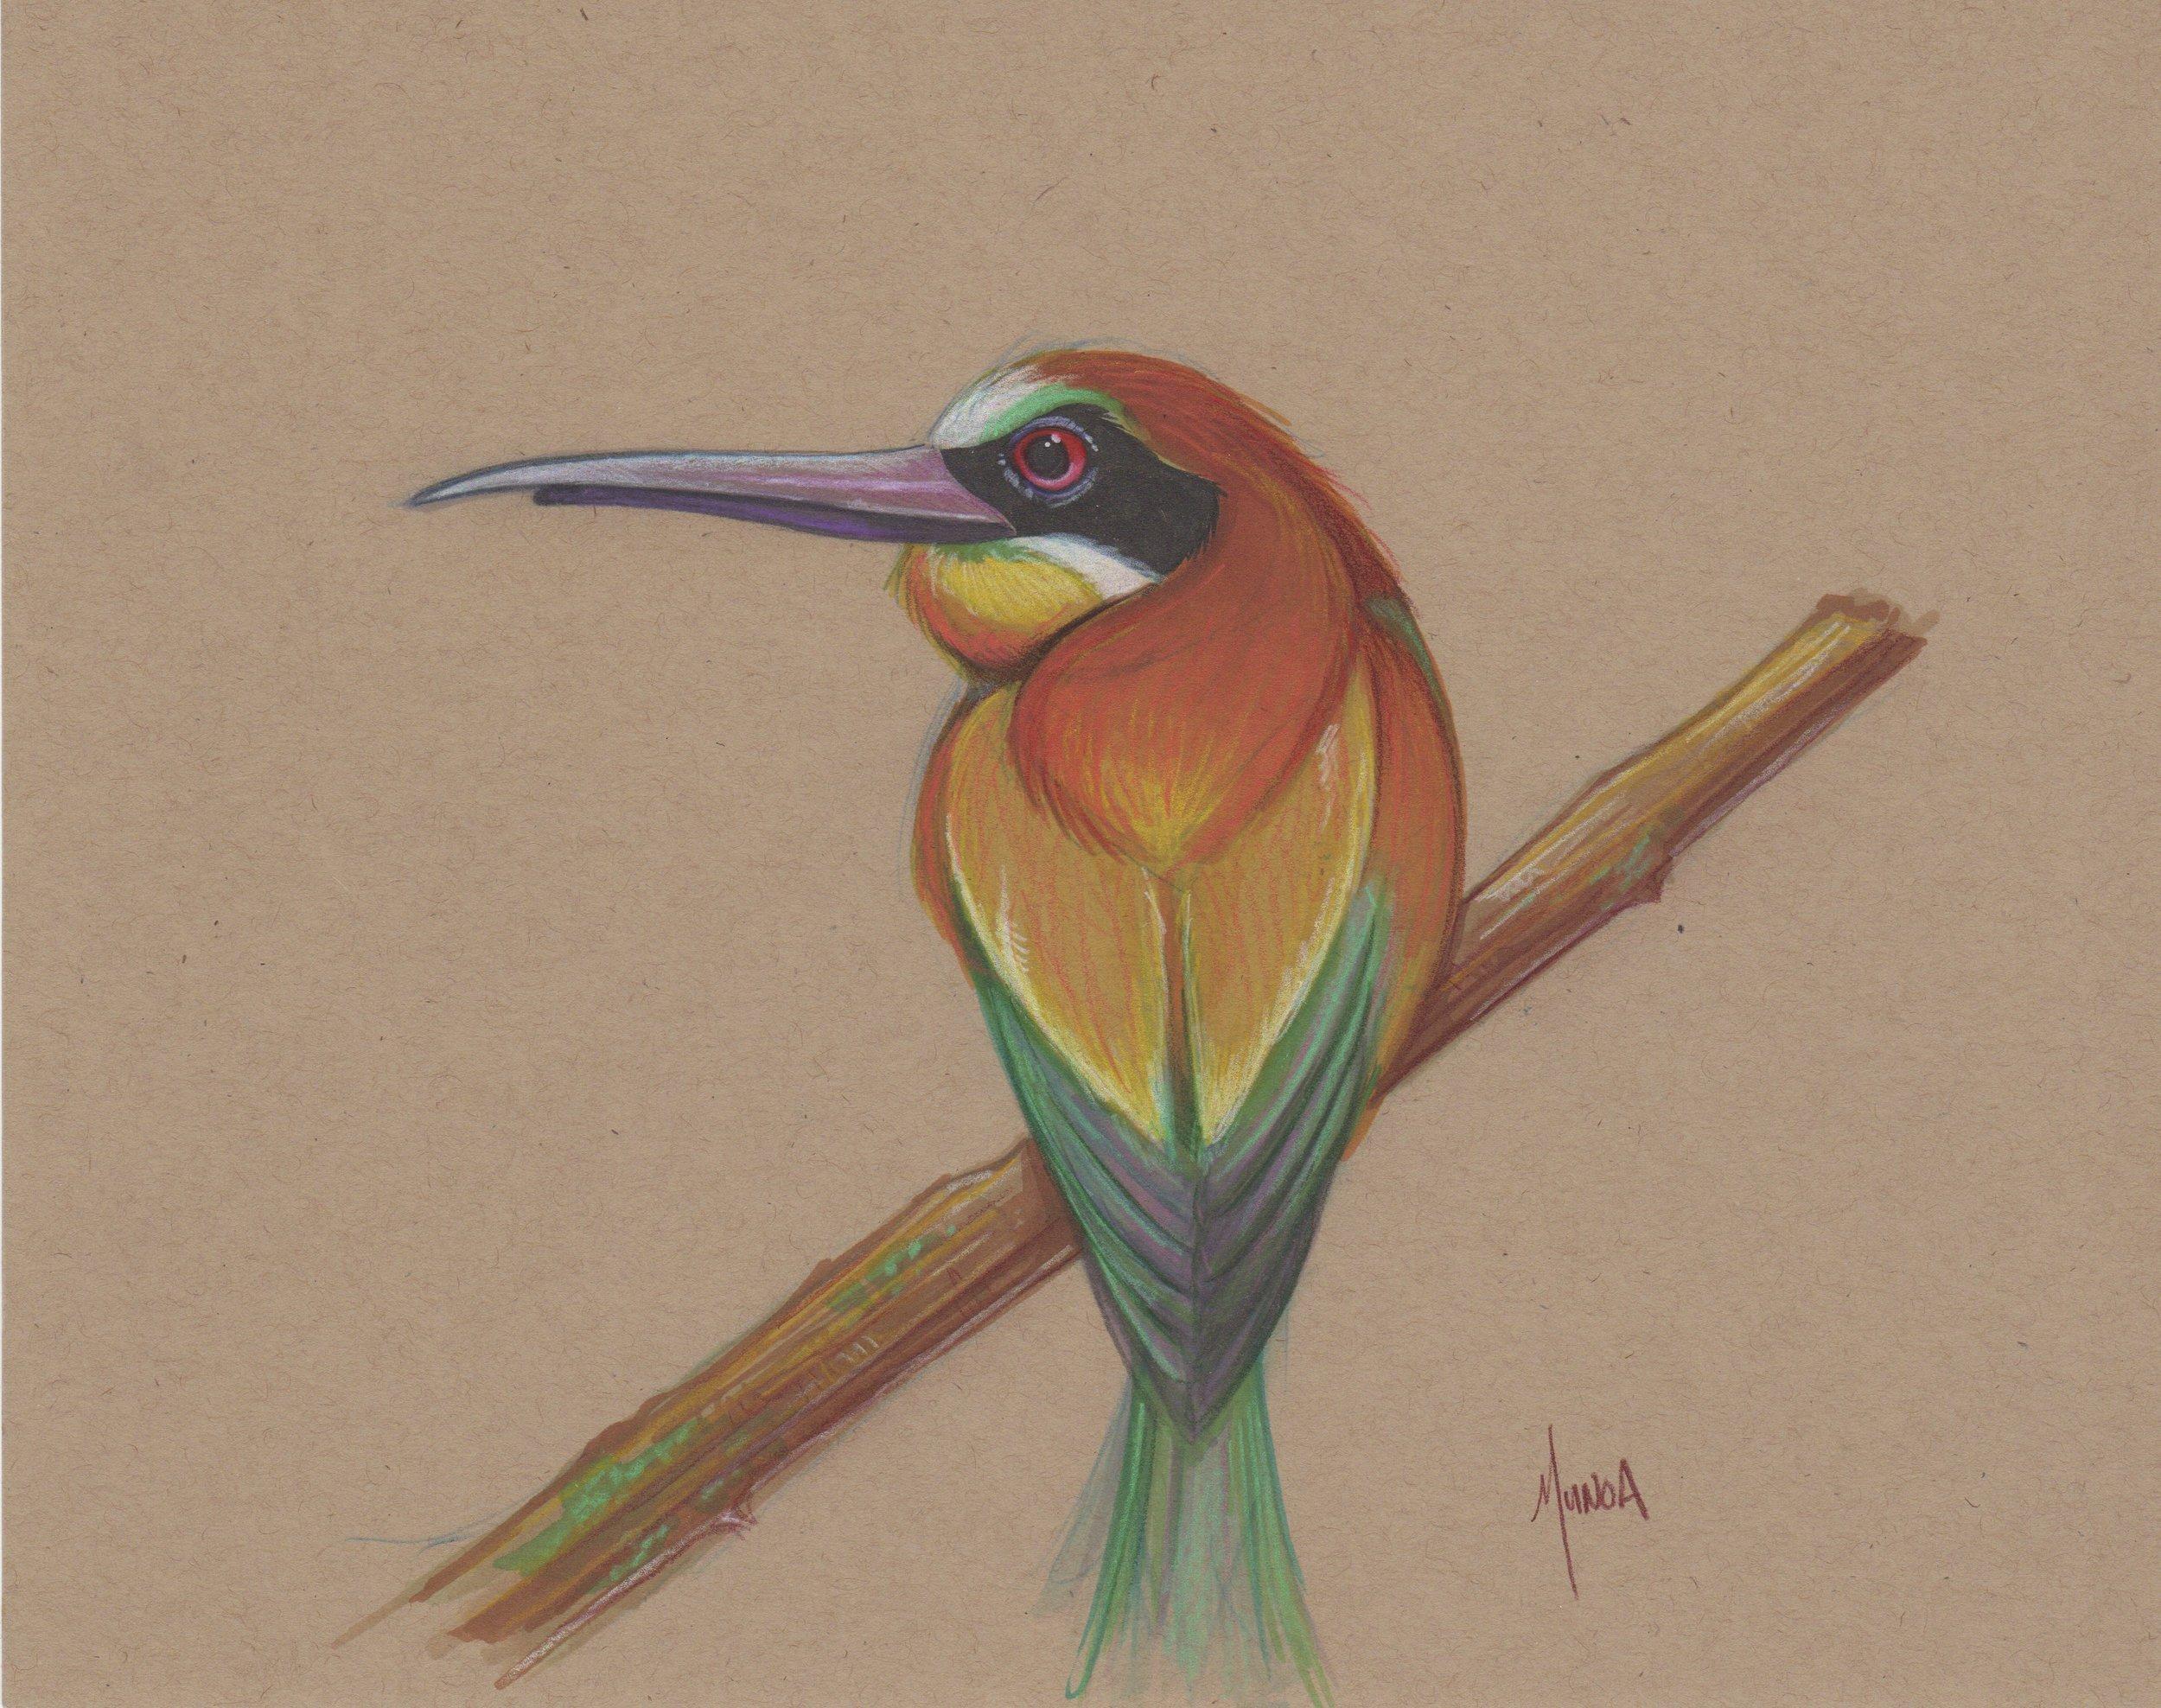 bee_eater_bird_sketch.jpeg